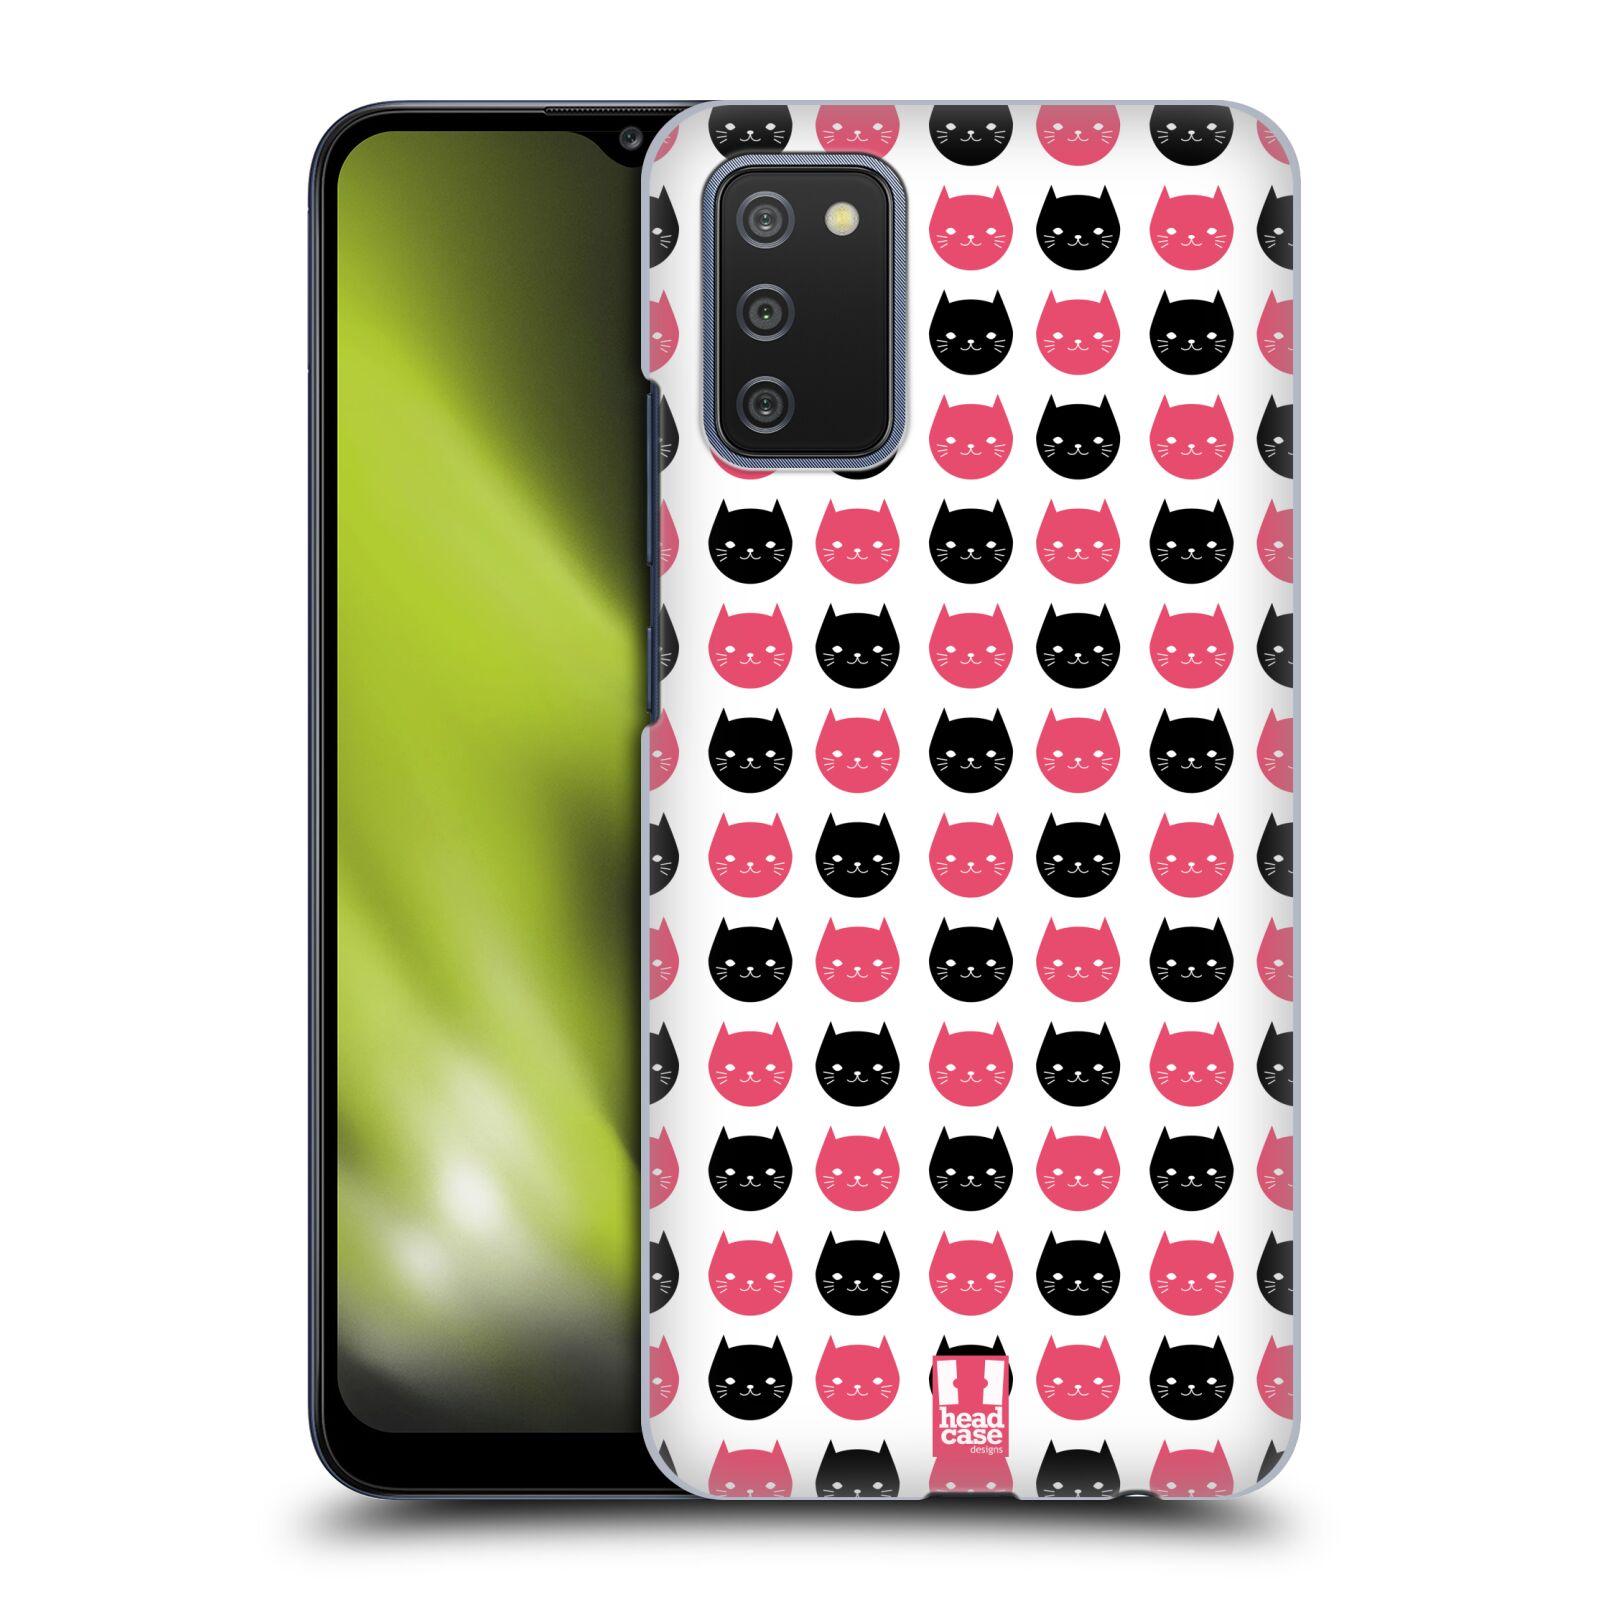 Plastové pouzdro na mobil Samsung Galaxy A02s - Head Case - KOČKY Black and Pink